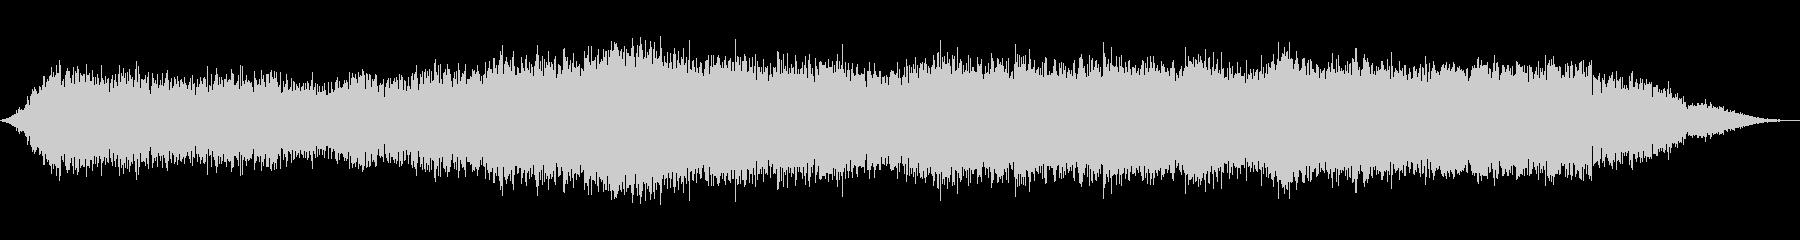 ファントムジャングルの未再生の波形